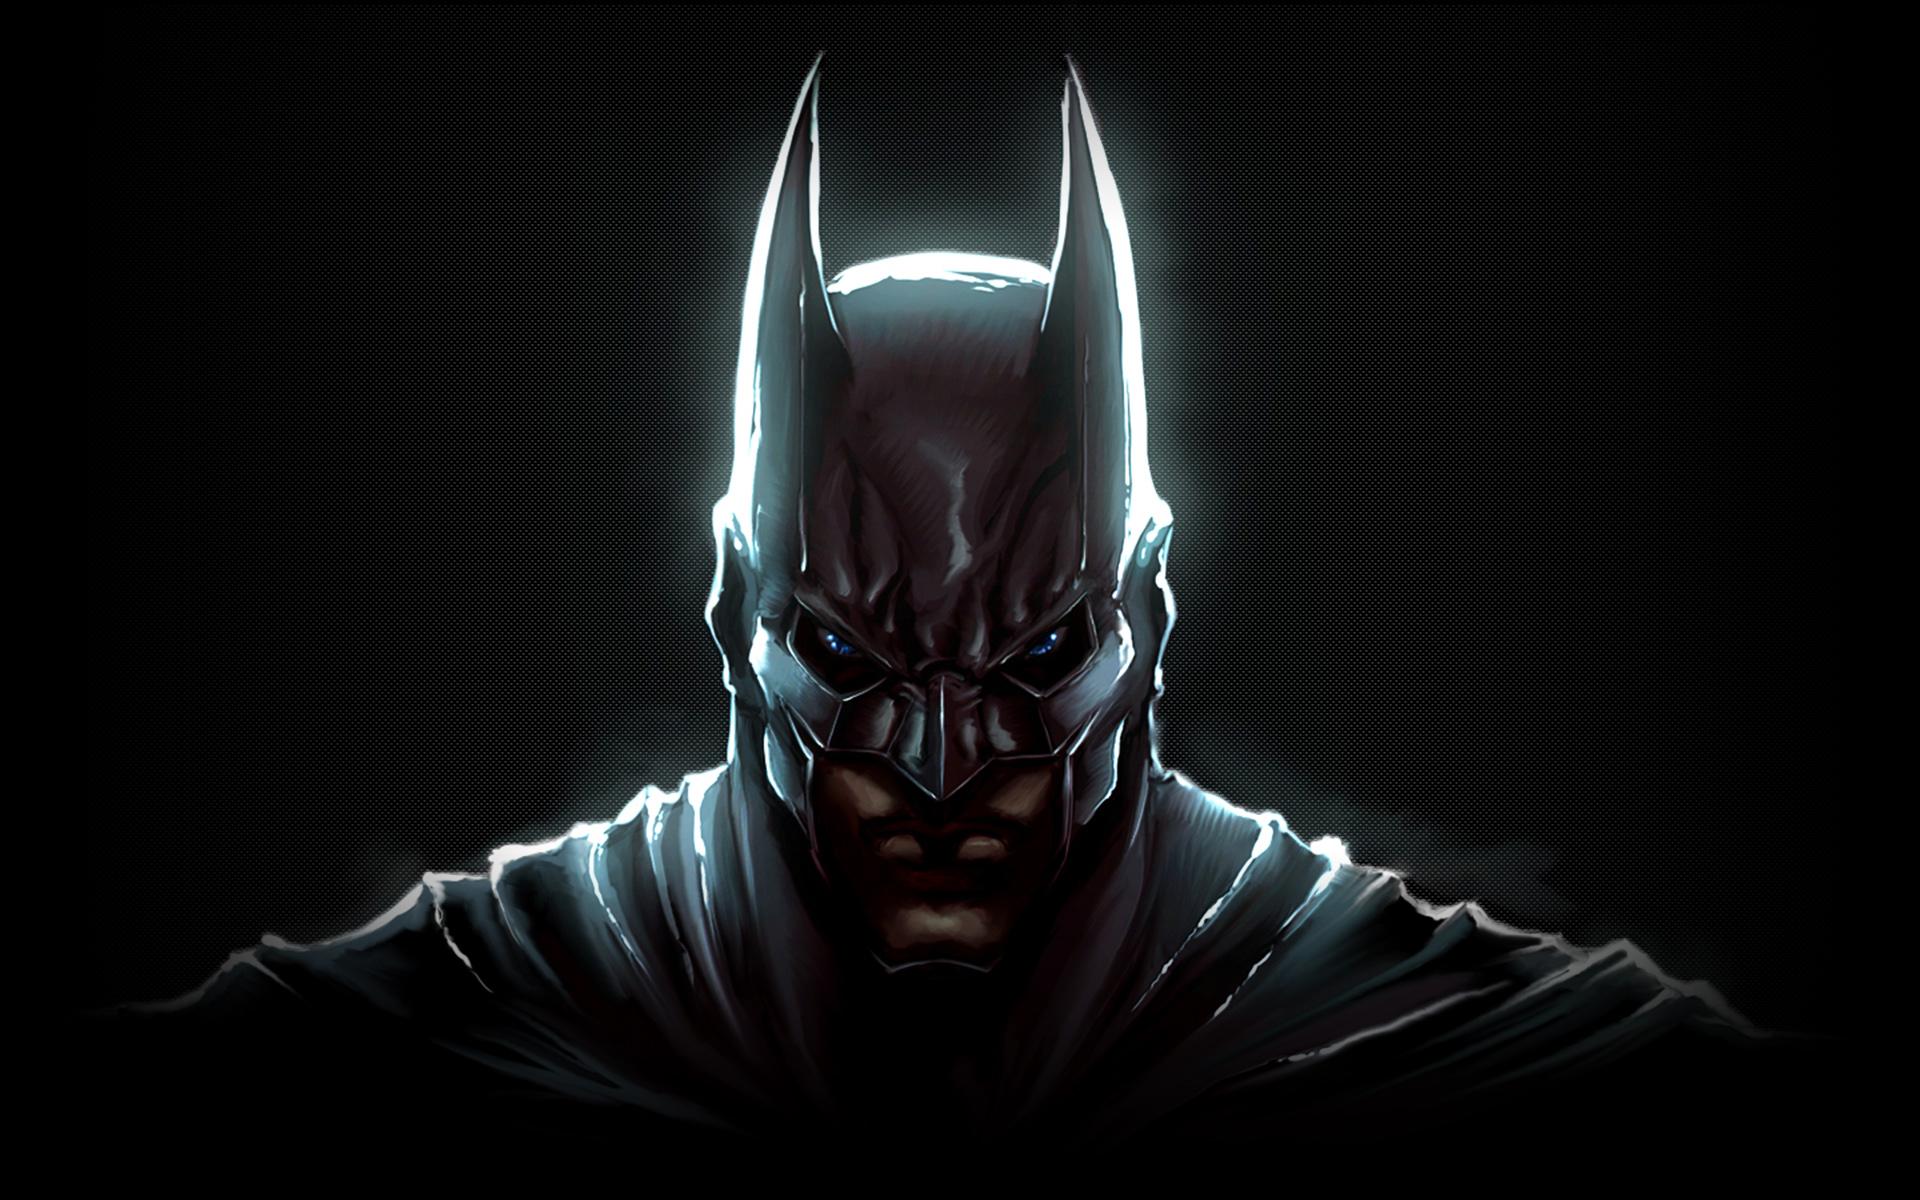 Dark Knight Batman Wallpapers HD Wallpapers 1920x1200